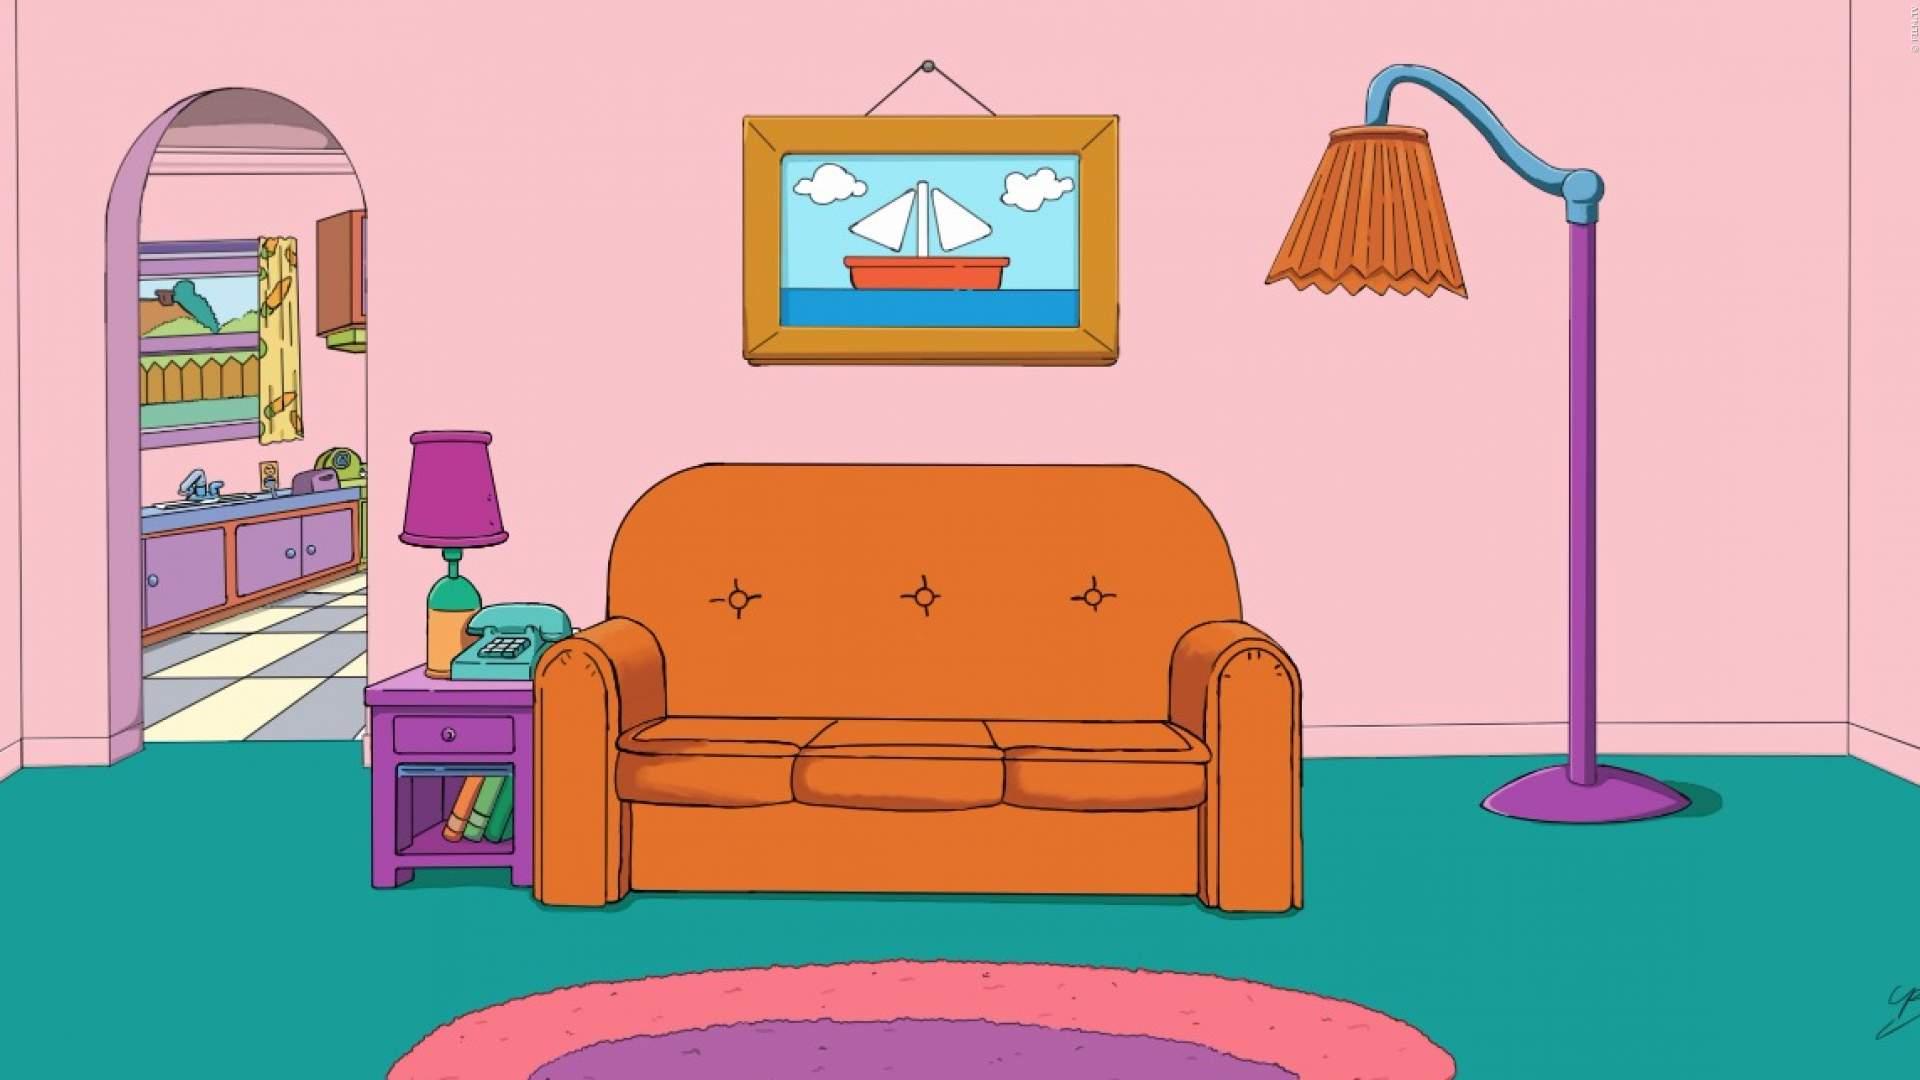 erkenne die prosieben serie am wohnzimmer trailerseite. Black Bedroom Furniture Sets. Home Design Ideas